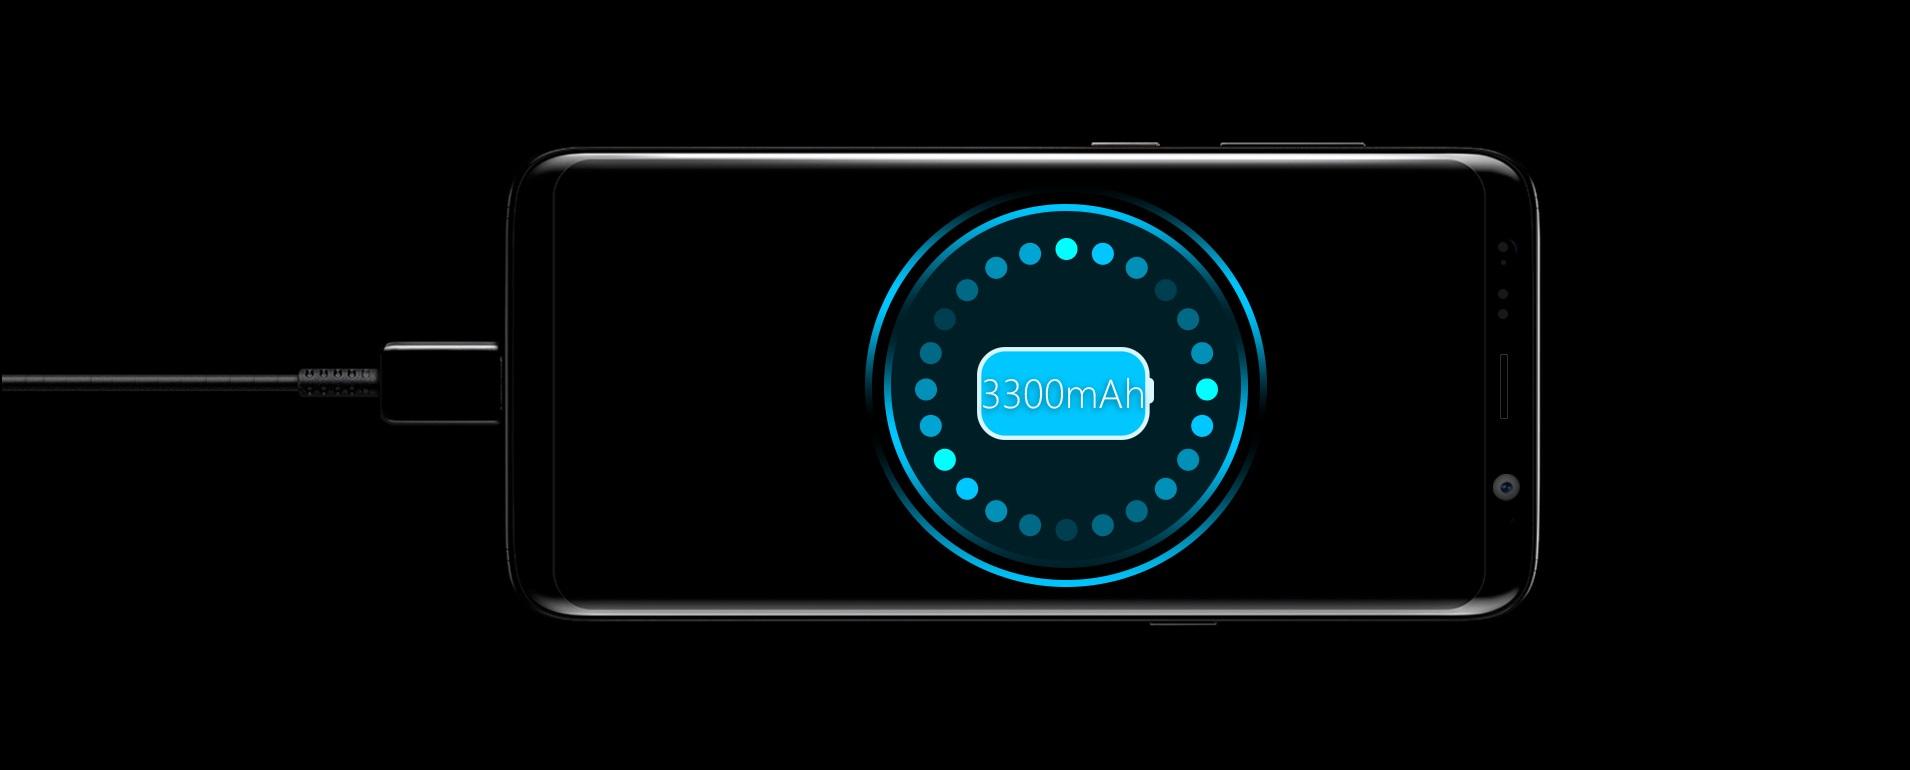 Meiigoo S8 batéria